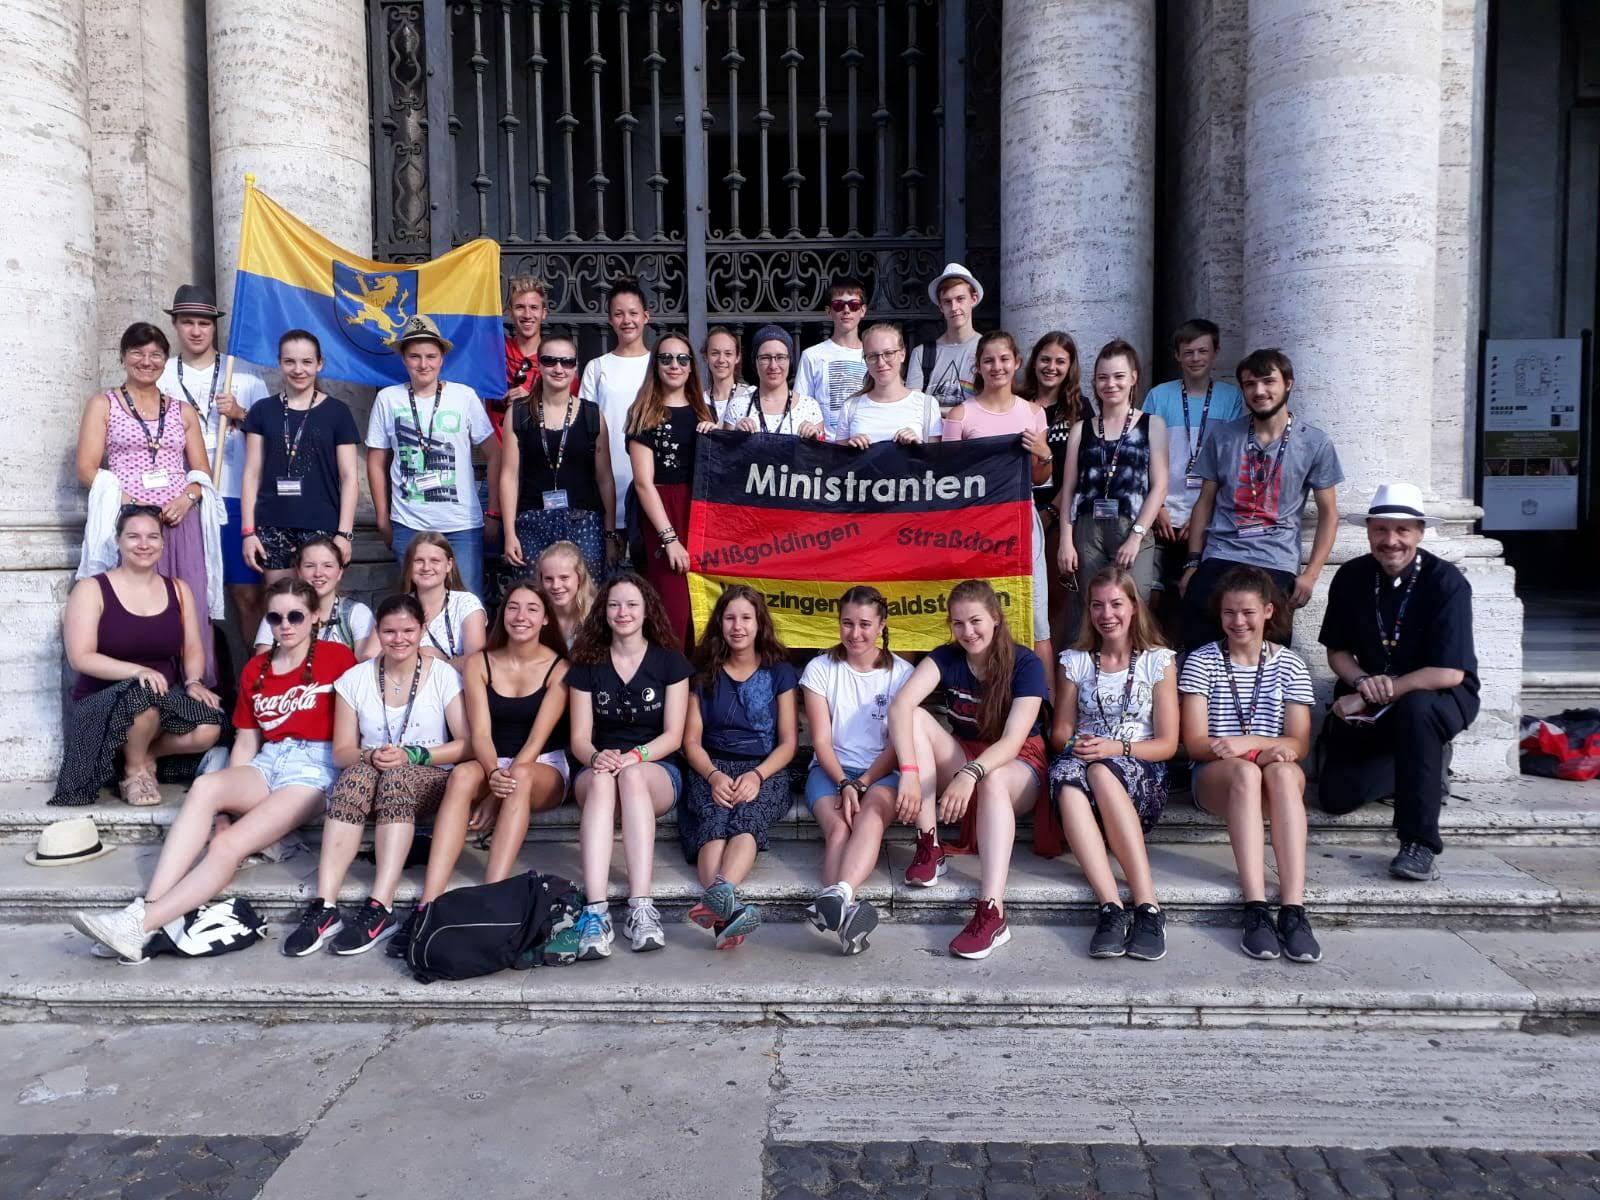 Gruppenfoto vor St. Maria Maggiore